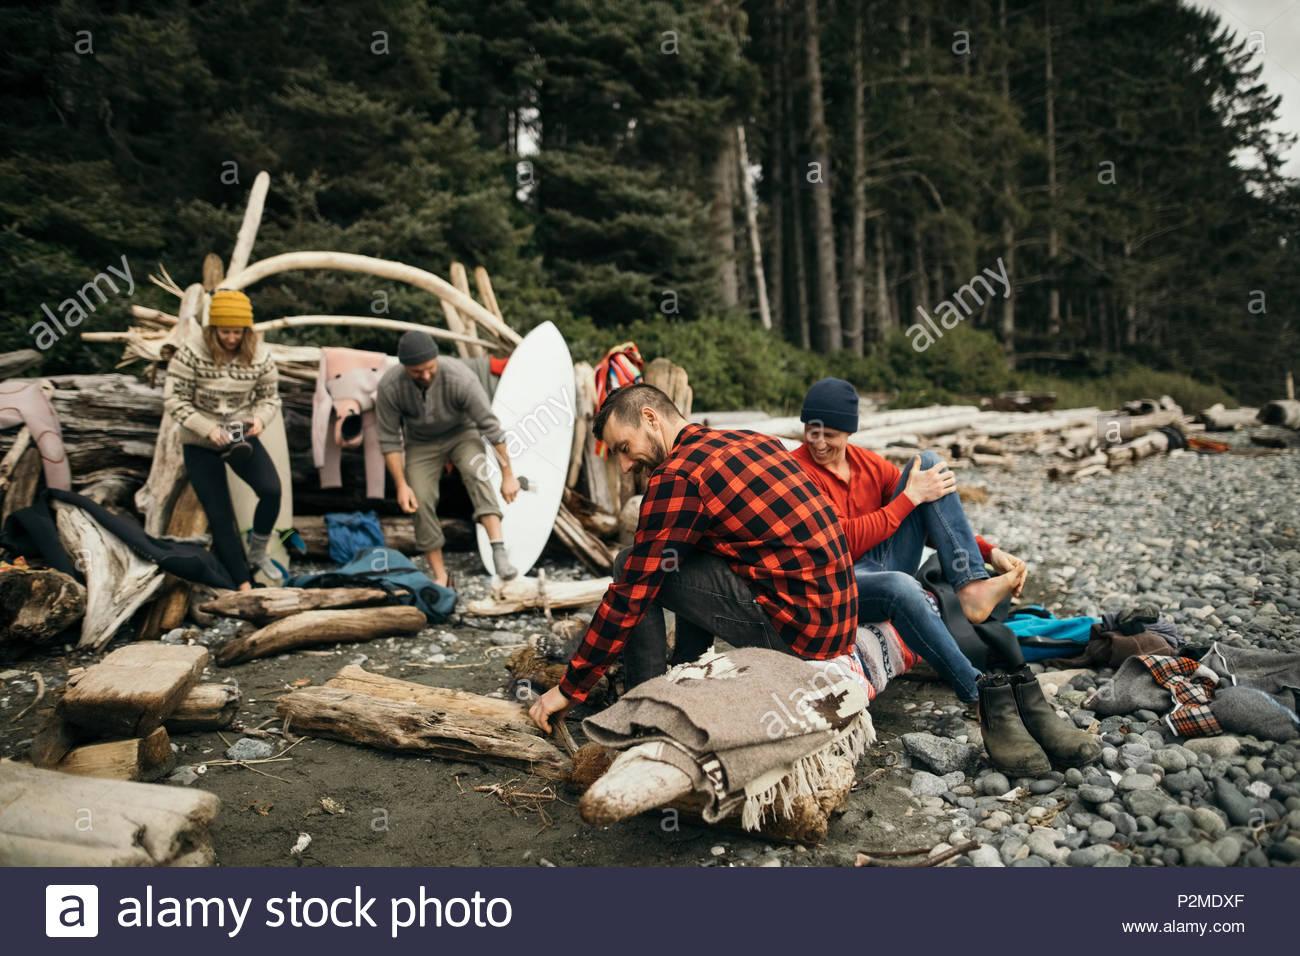 Amigos, disfrutando de una escapada de fin de semana de surf, relajándose en la playa de camping en los robustos Imagen De Stock